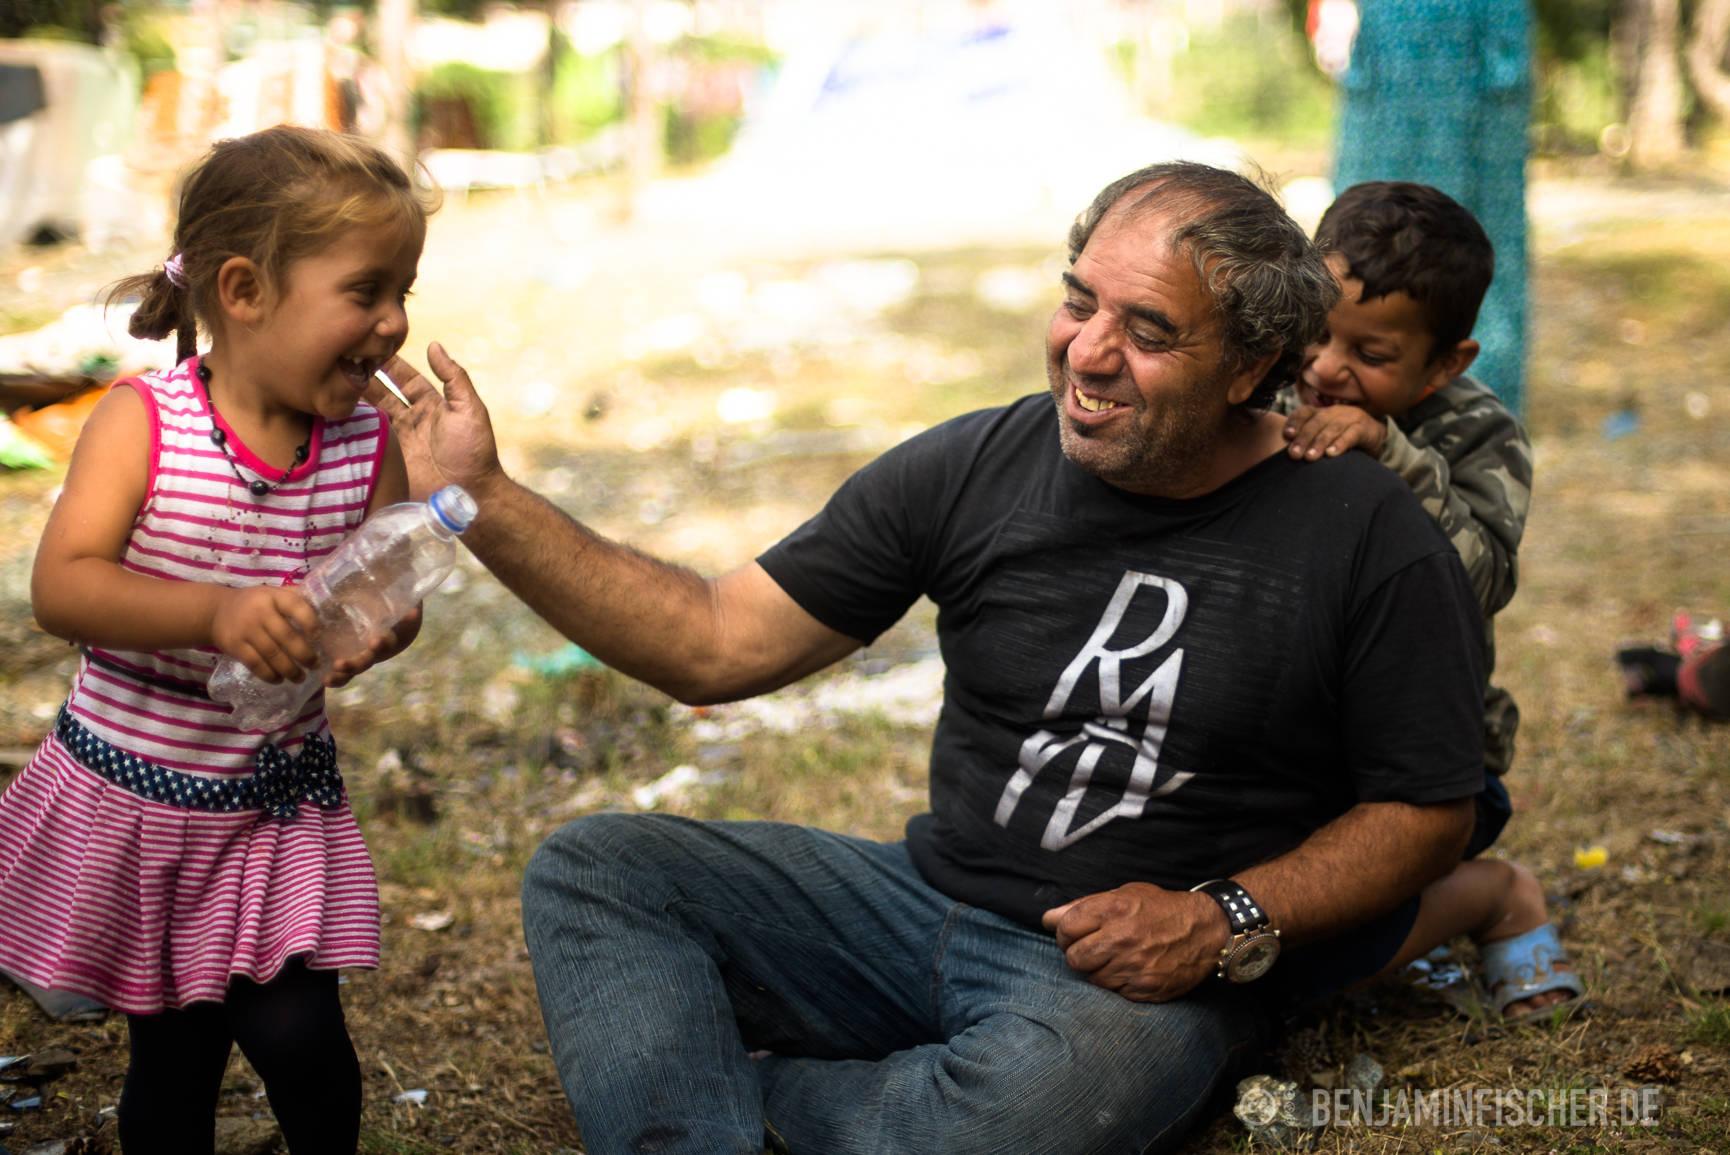 Mira (3) tollt mit ihrem Großvater und Bruder Blero herum.